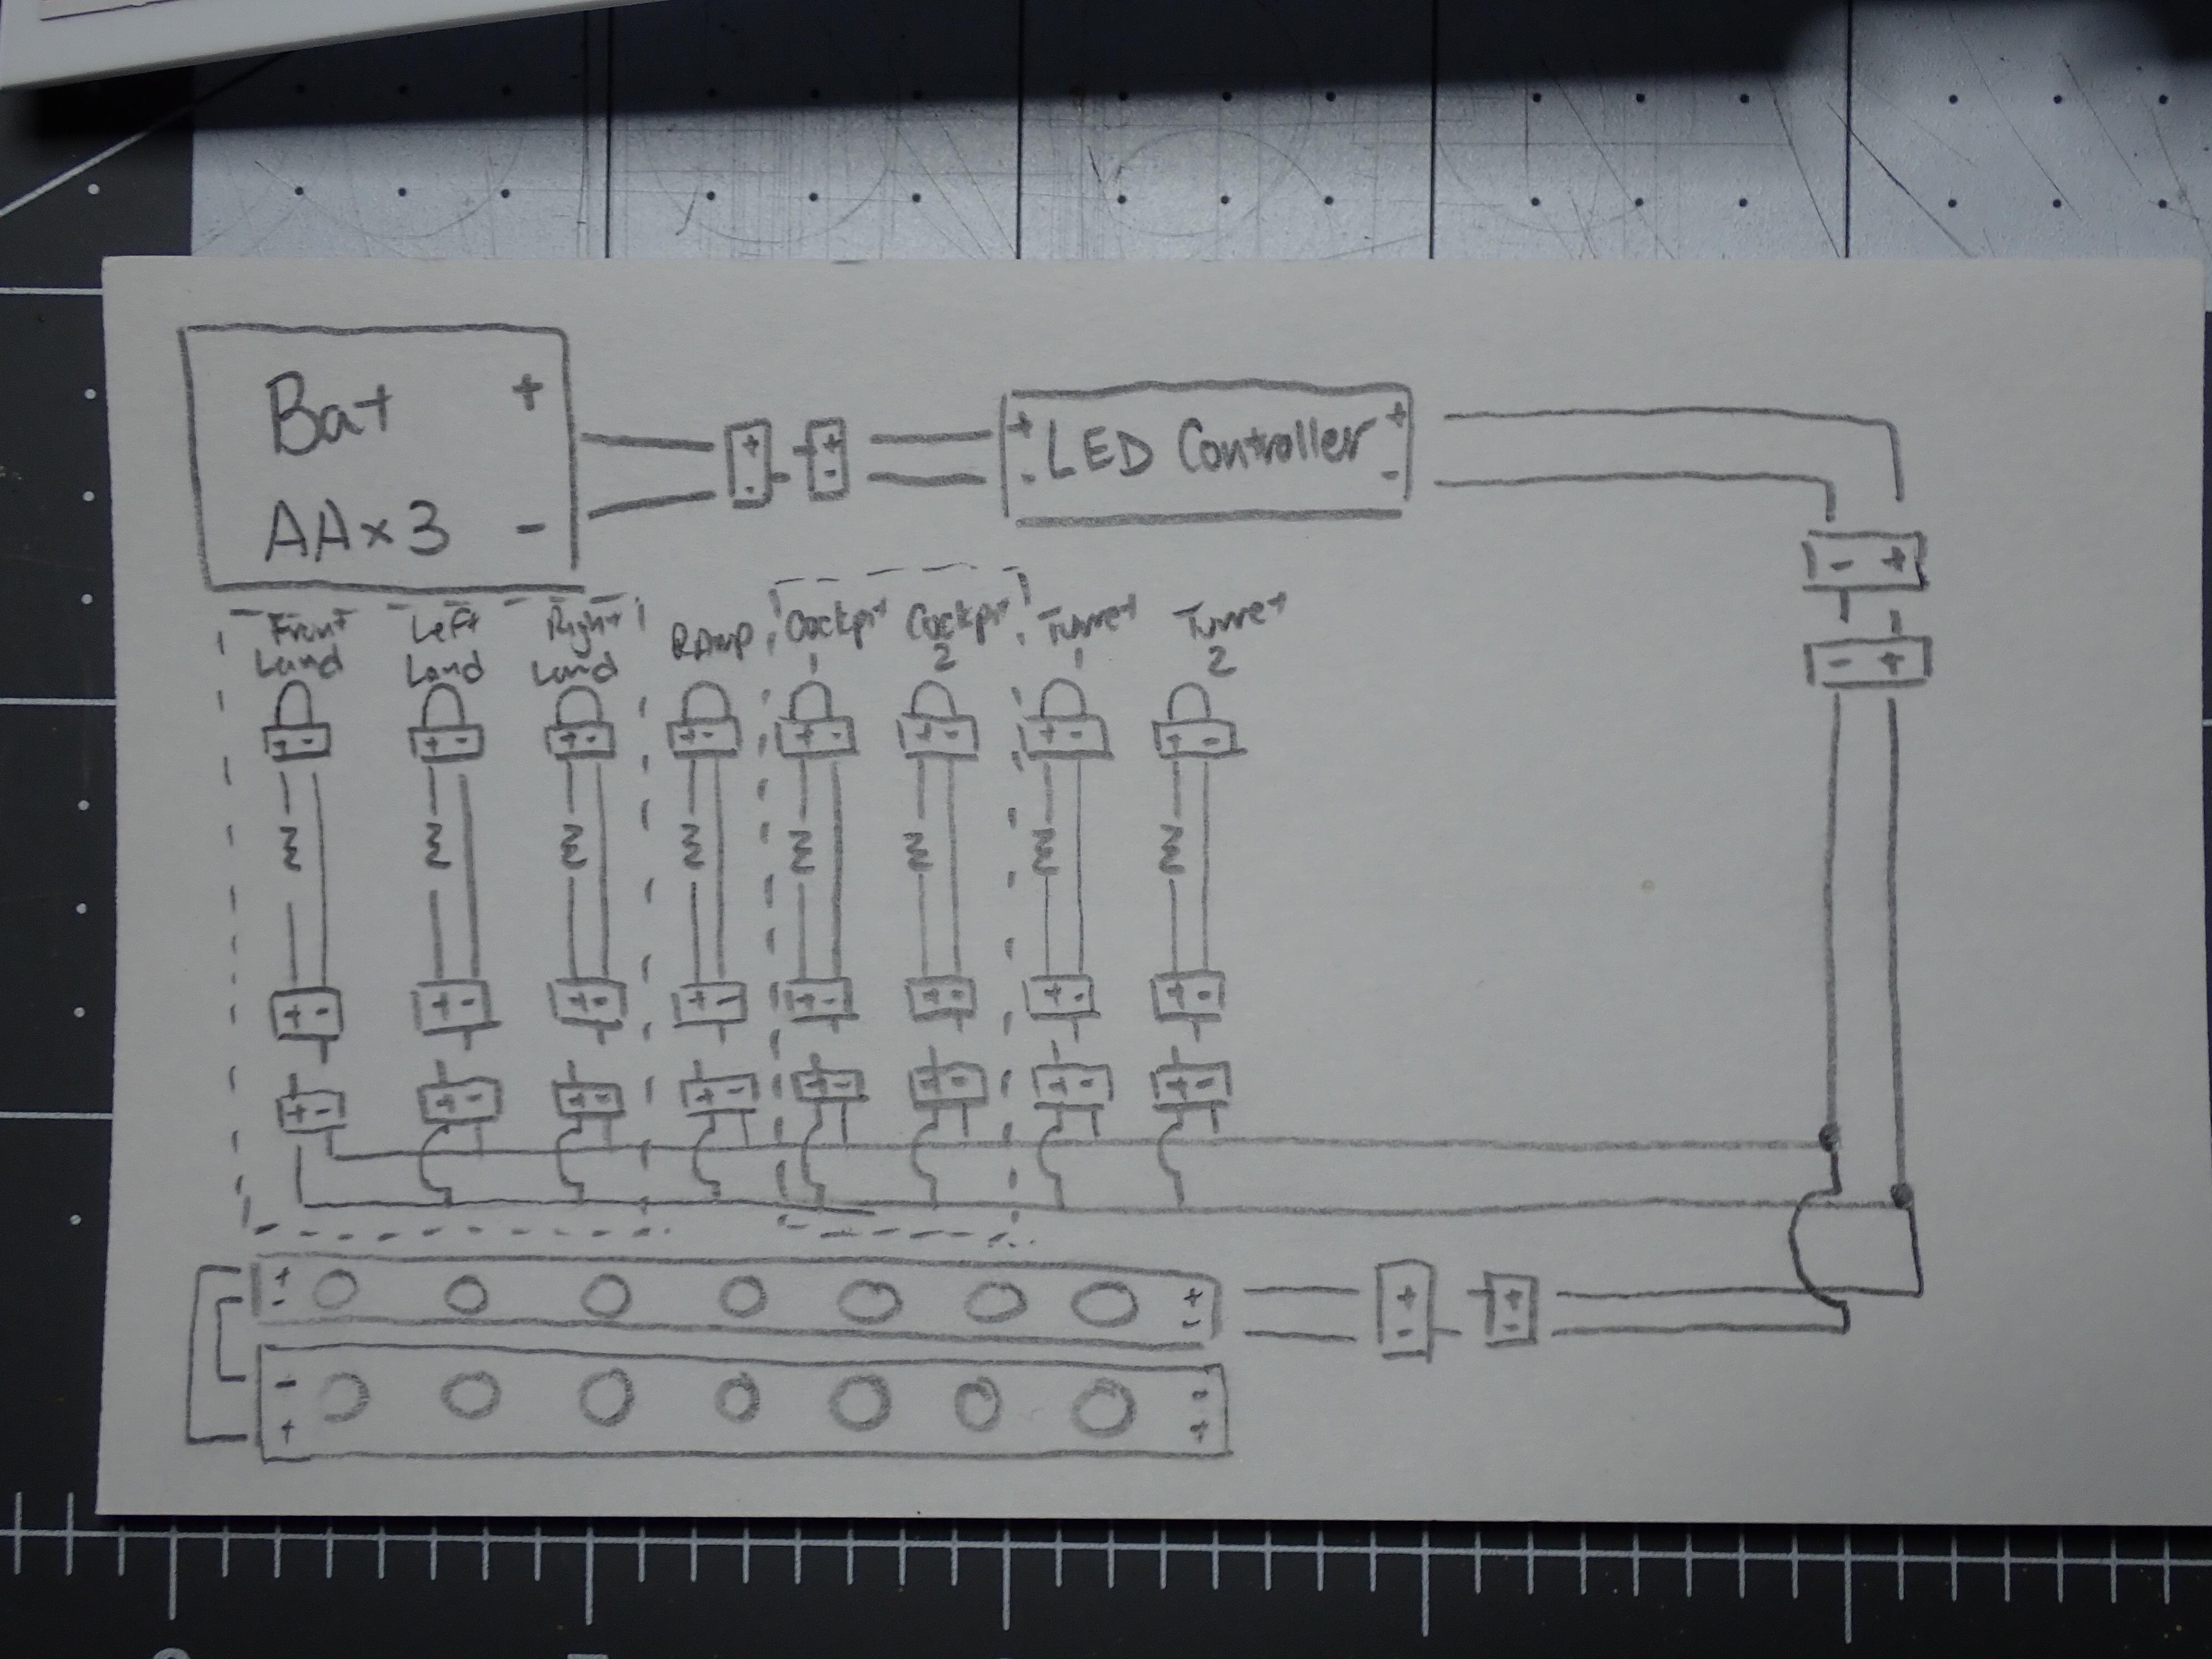 55 Wiring Diagram.JPG